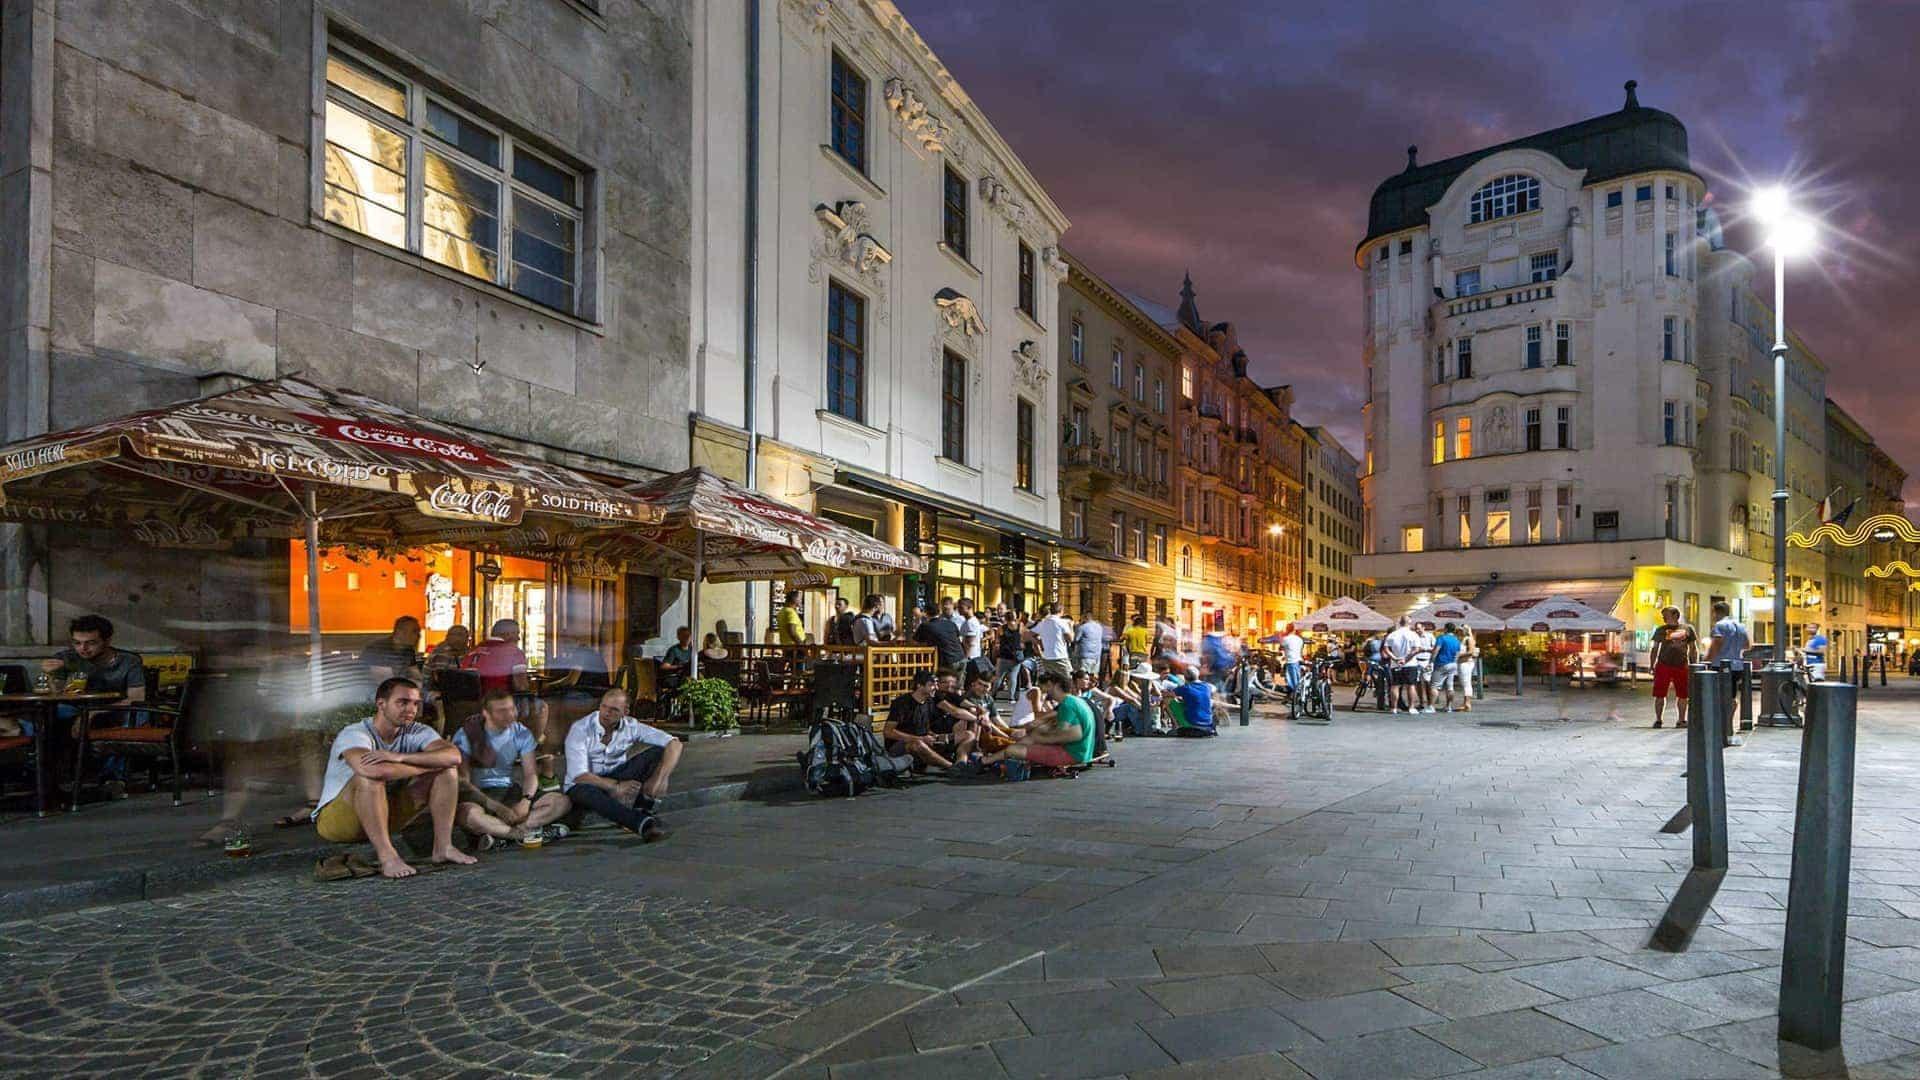 Expérience Erasmus à Brno, République Tchèque par Joaquin